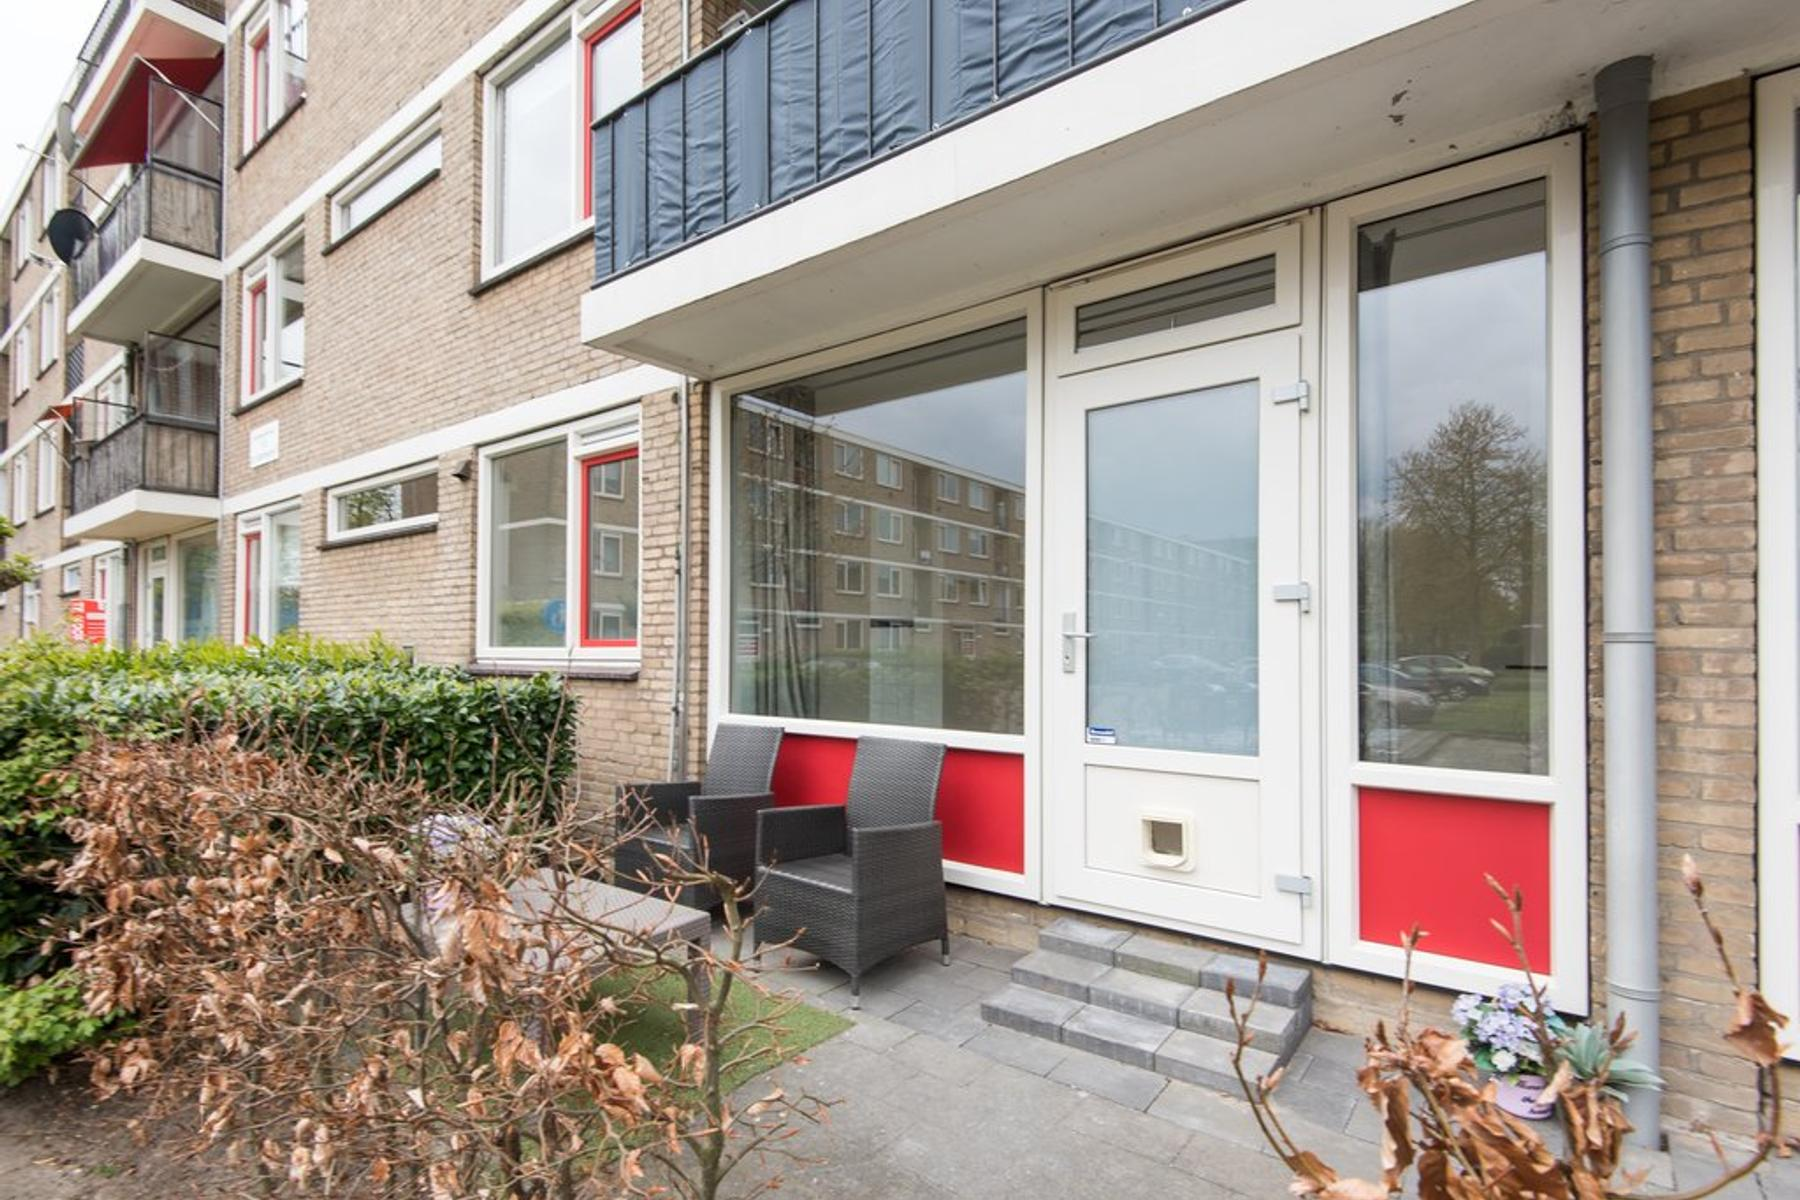 Wieldraaierstraat 33 in Gorinchem 4204 EW